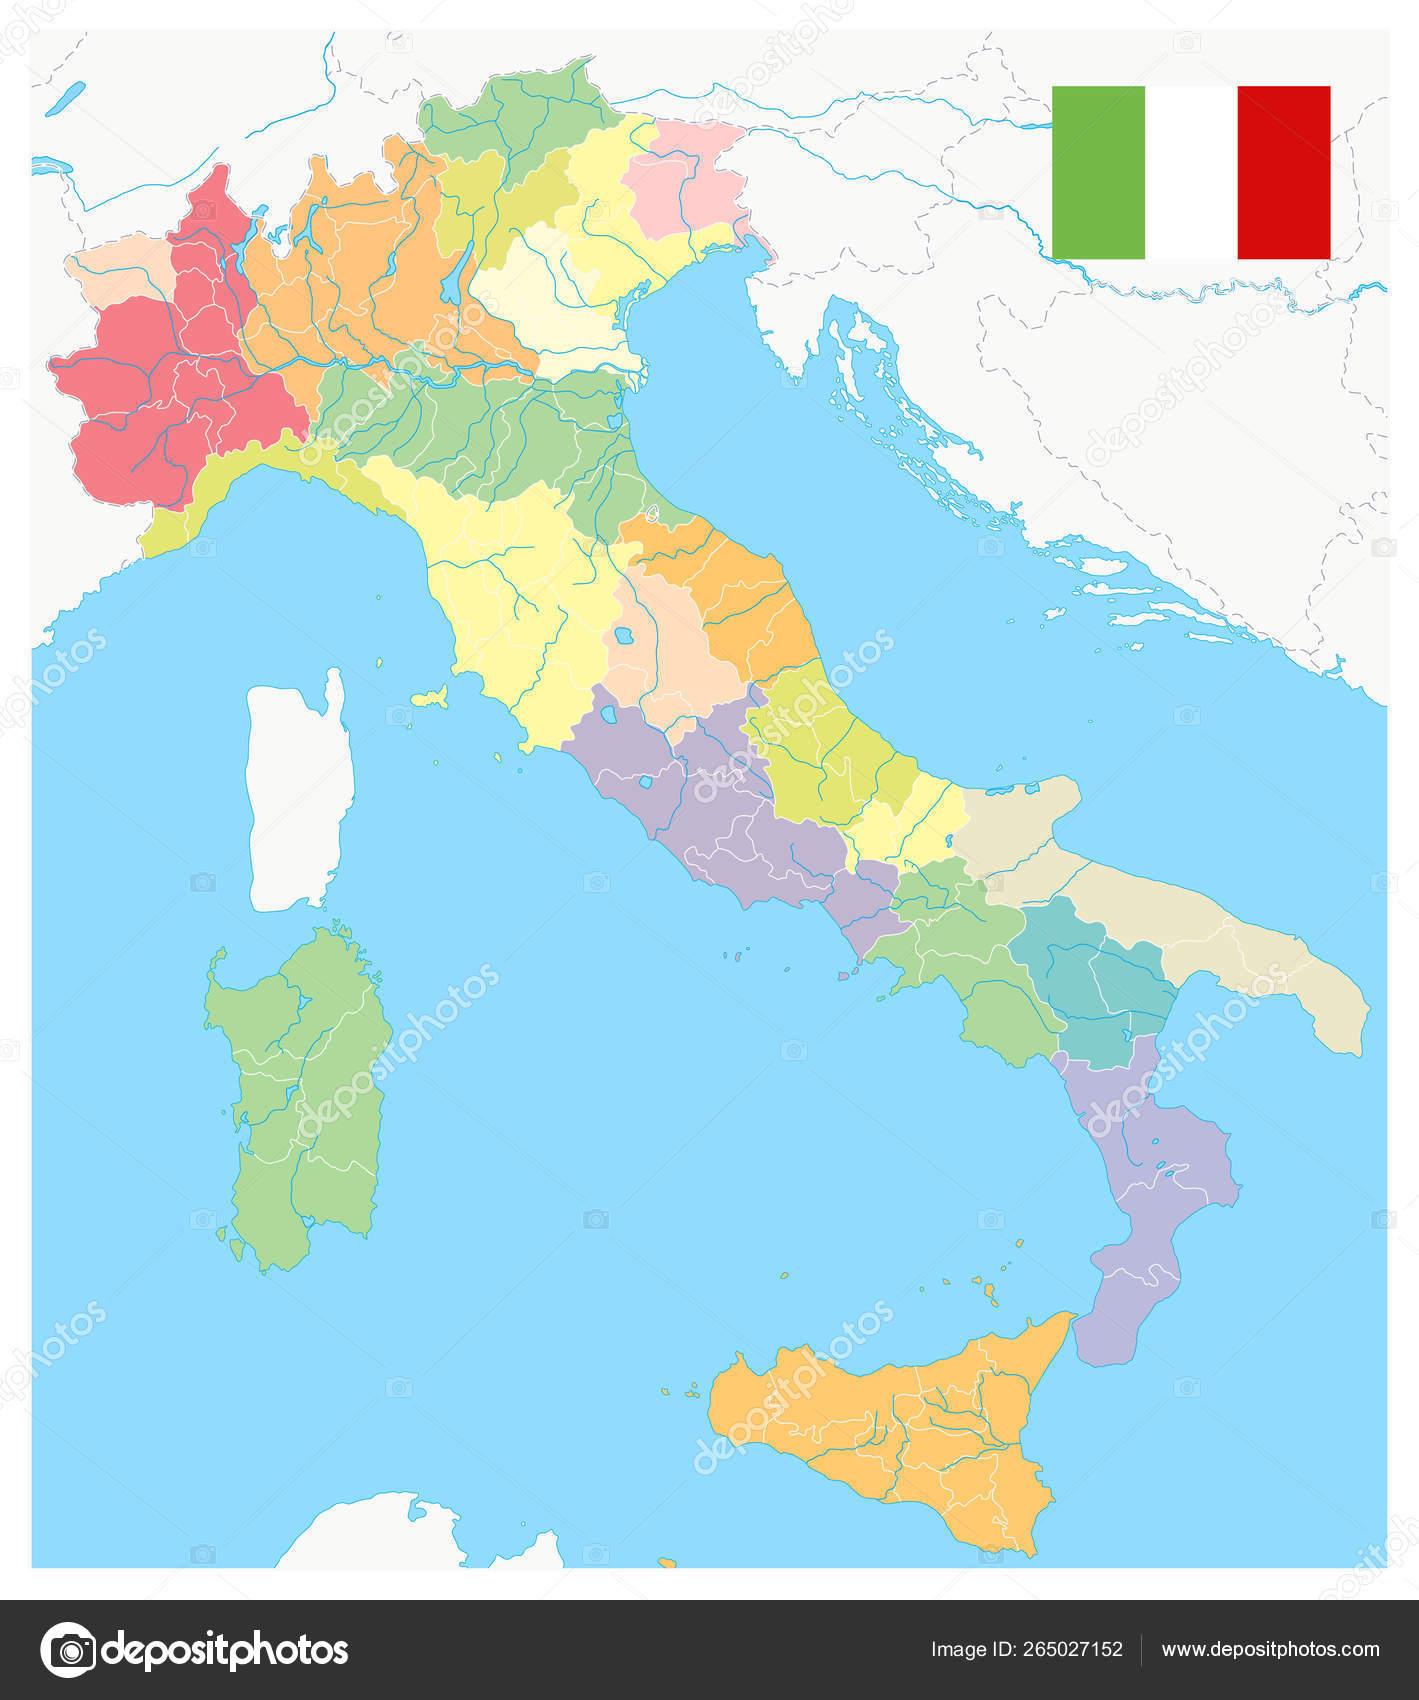 Italia Dioikhtika Tmhmata Xarth Xwris Keimeno Dianysmatiko